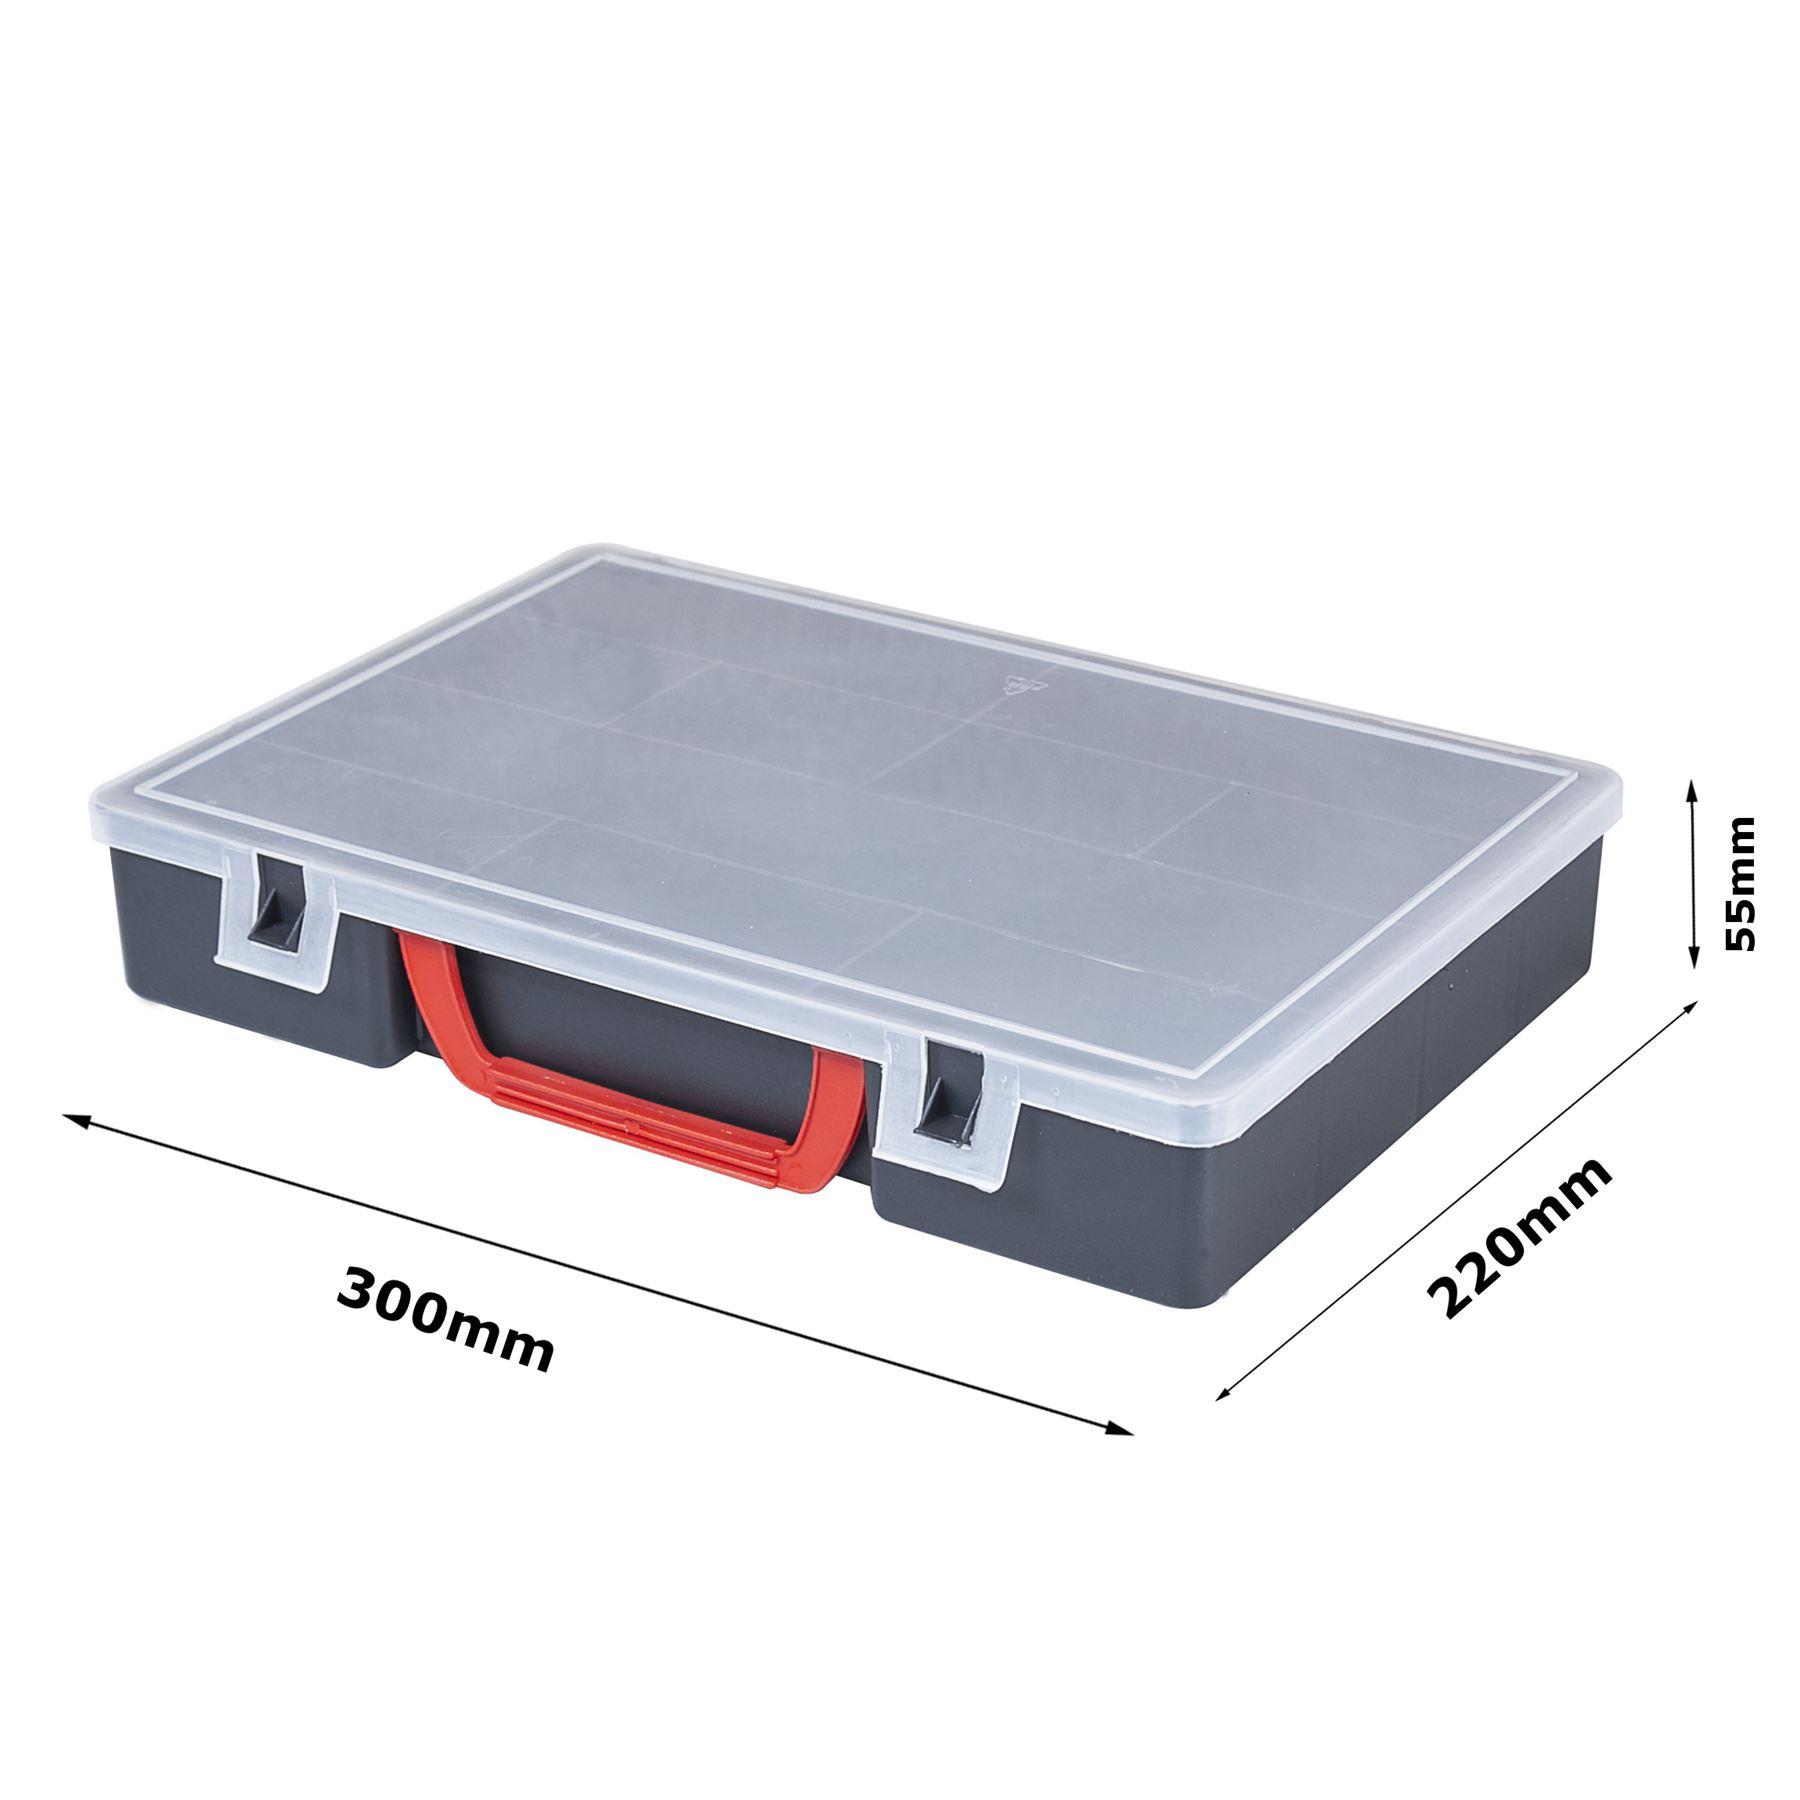 Classic boîte Compartiment plastique Organiseur BOITE DE RANGEMENT | eBay